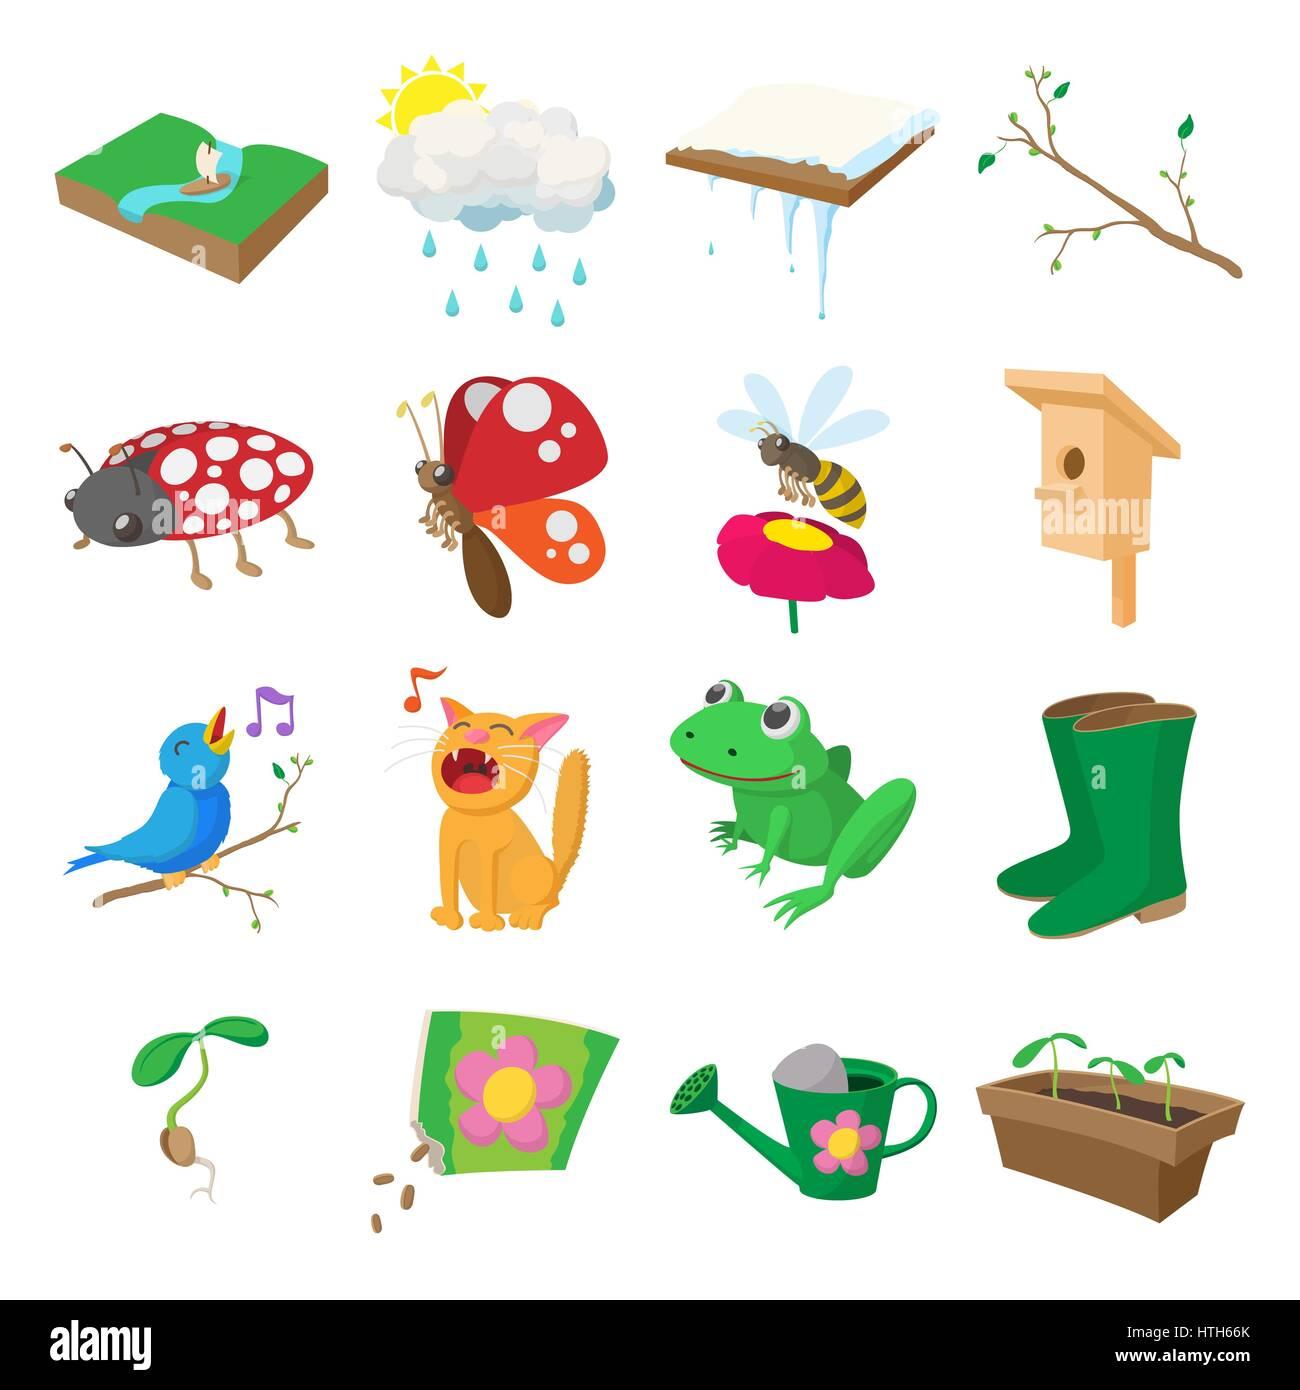 Iconos De Primavera Del Estilo De Dibujos Animados Ilustración Del